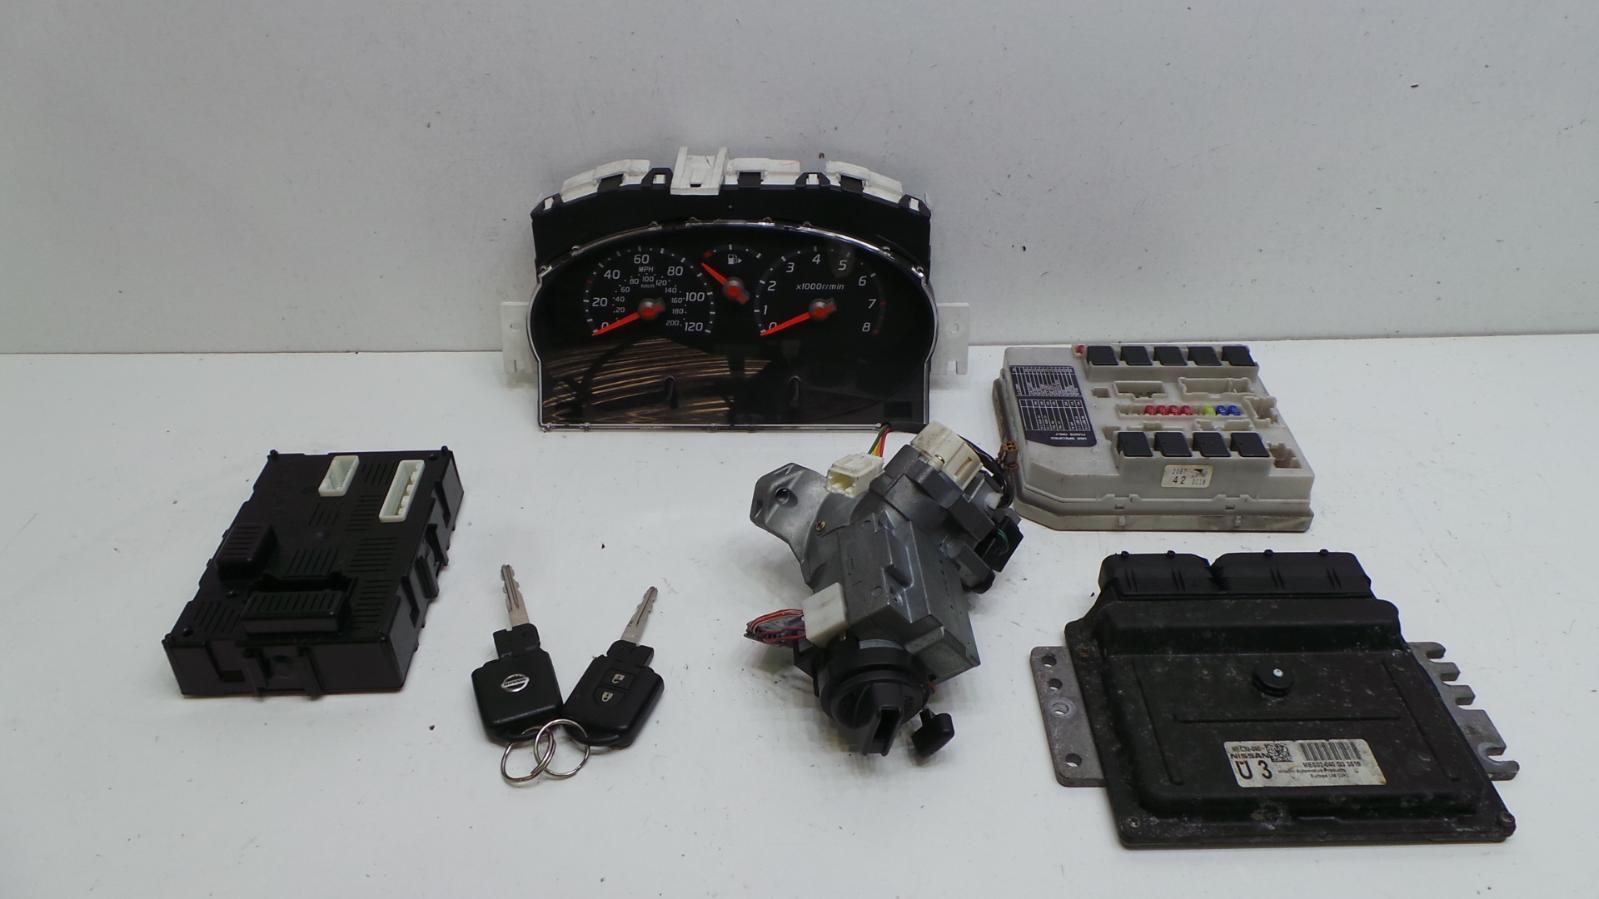 2003 nissan micra k12 1 2 petrol engien ecu ignition key. Black Bedroom Furniture Sets. Home Design Ideas